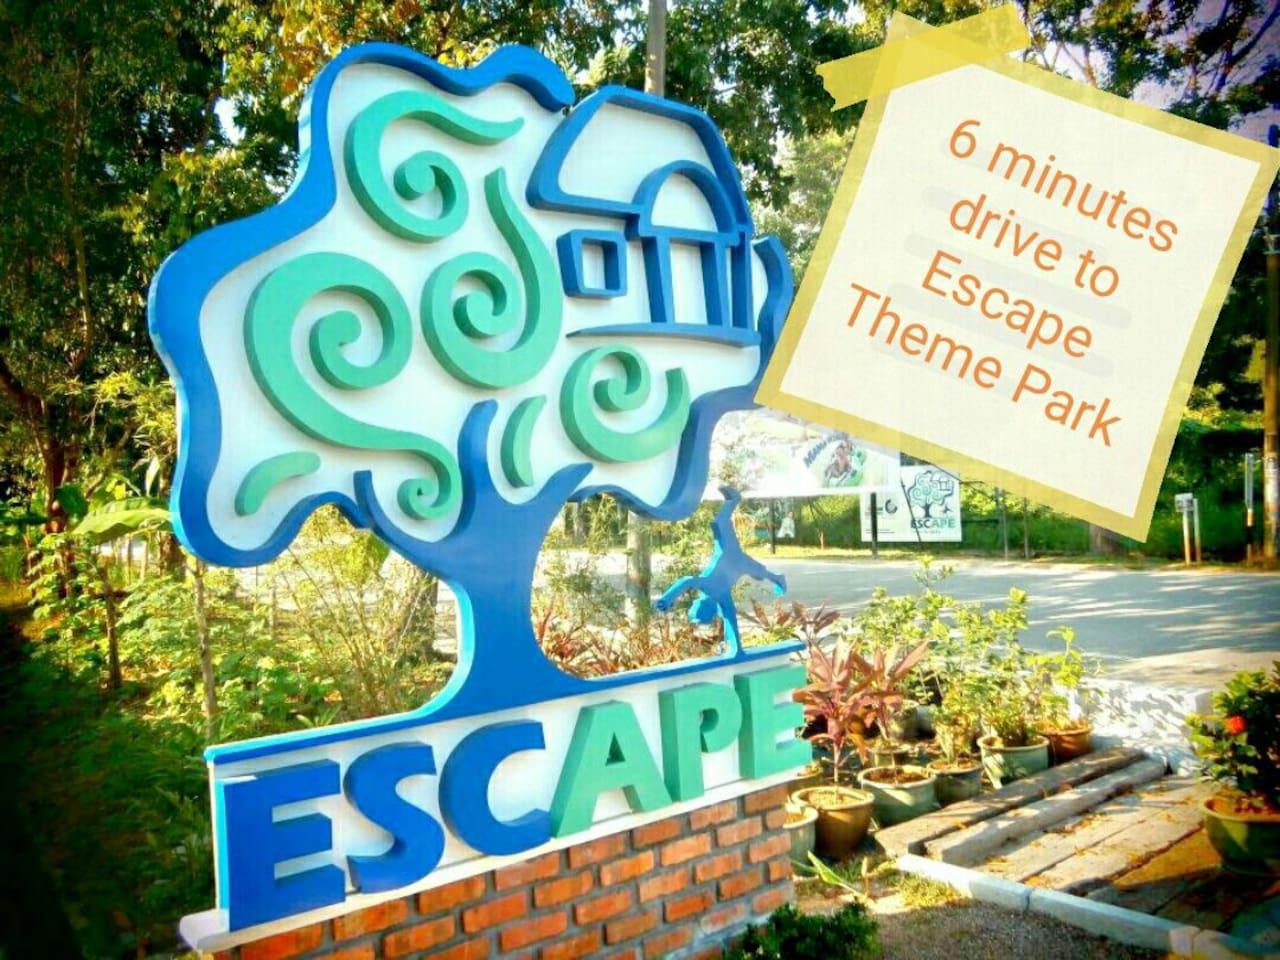 6 minutes drive to Escape Theme Park